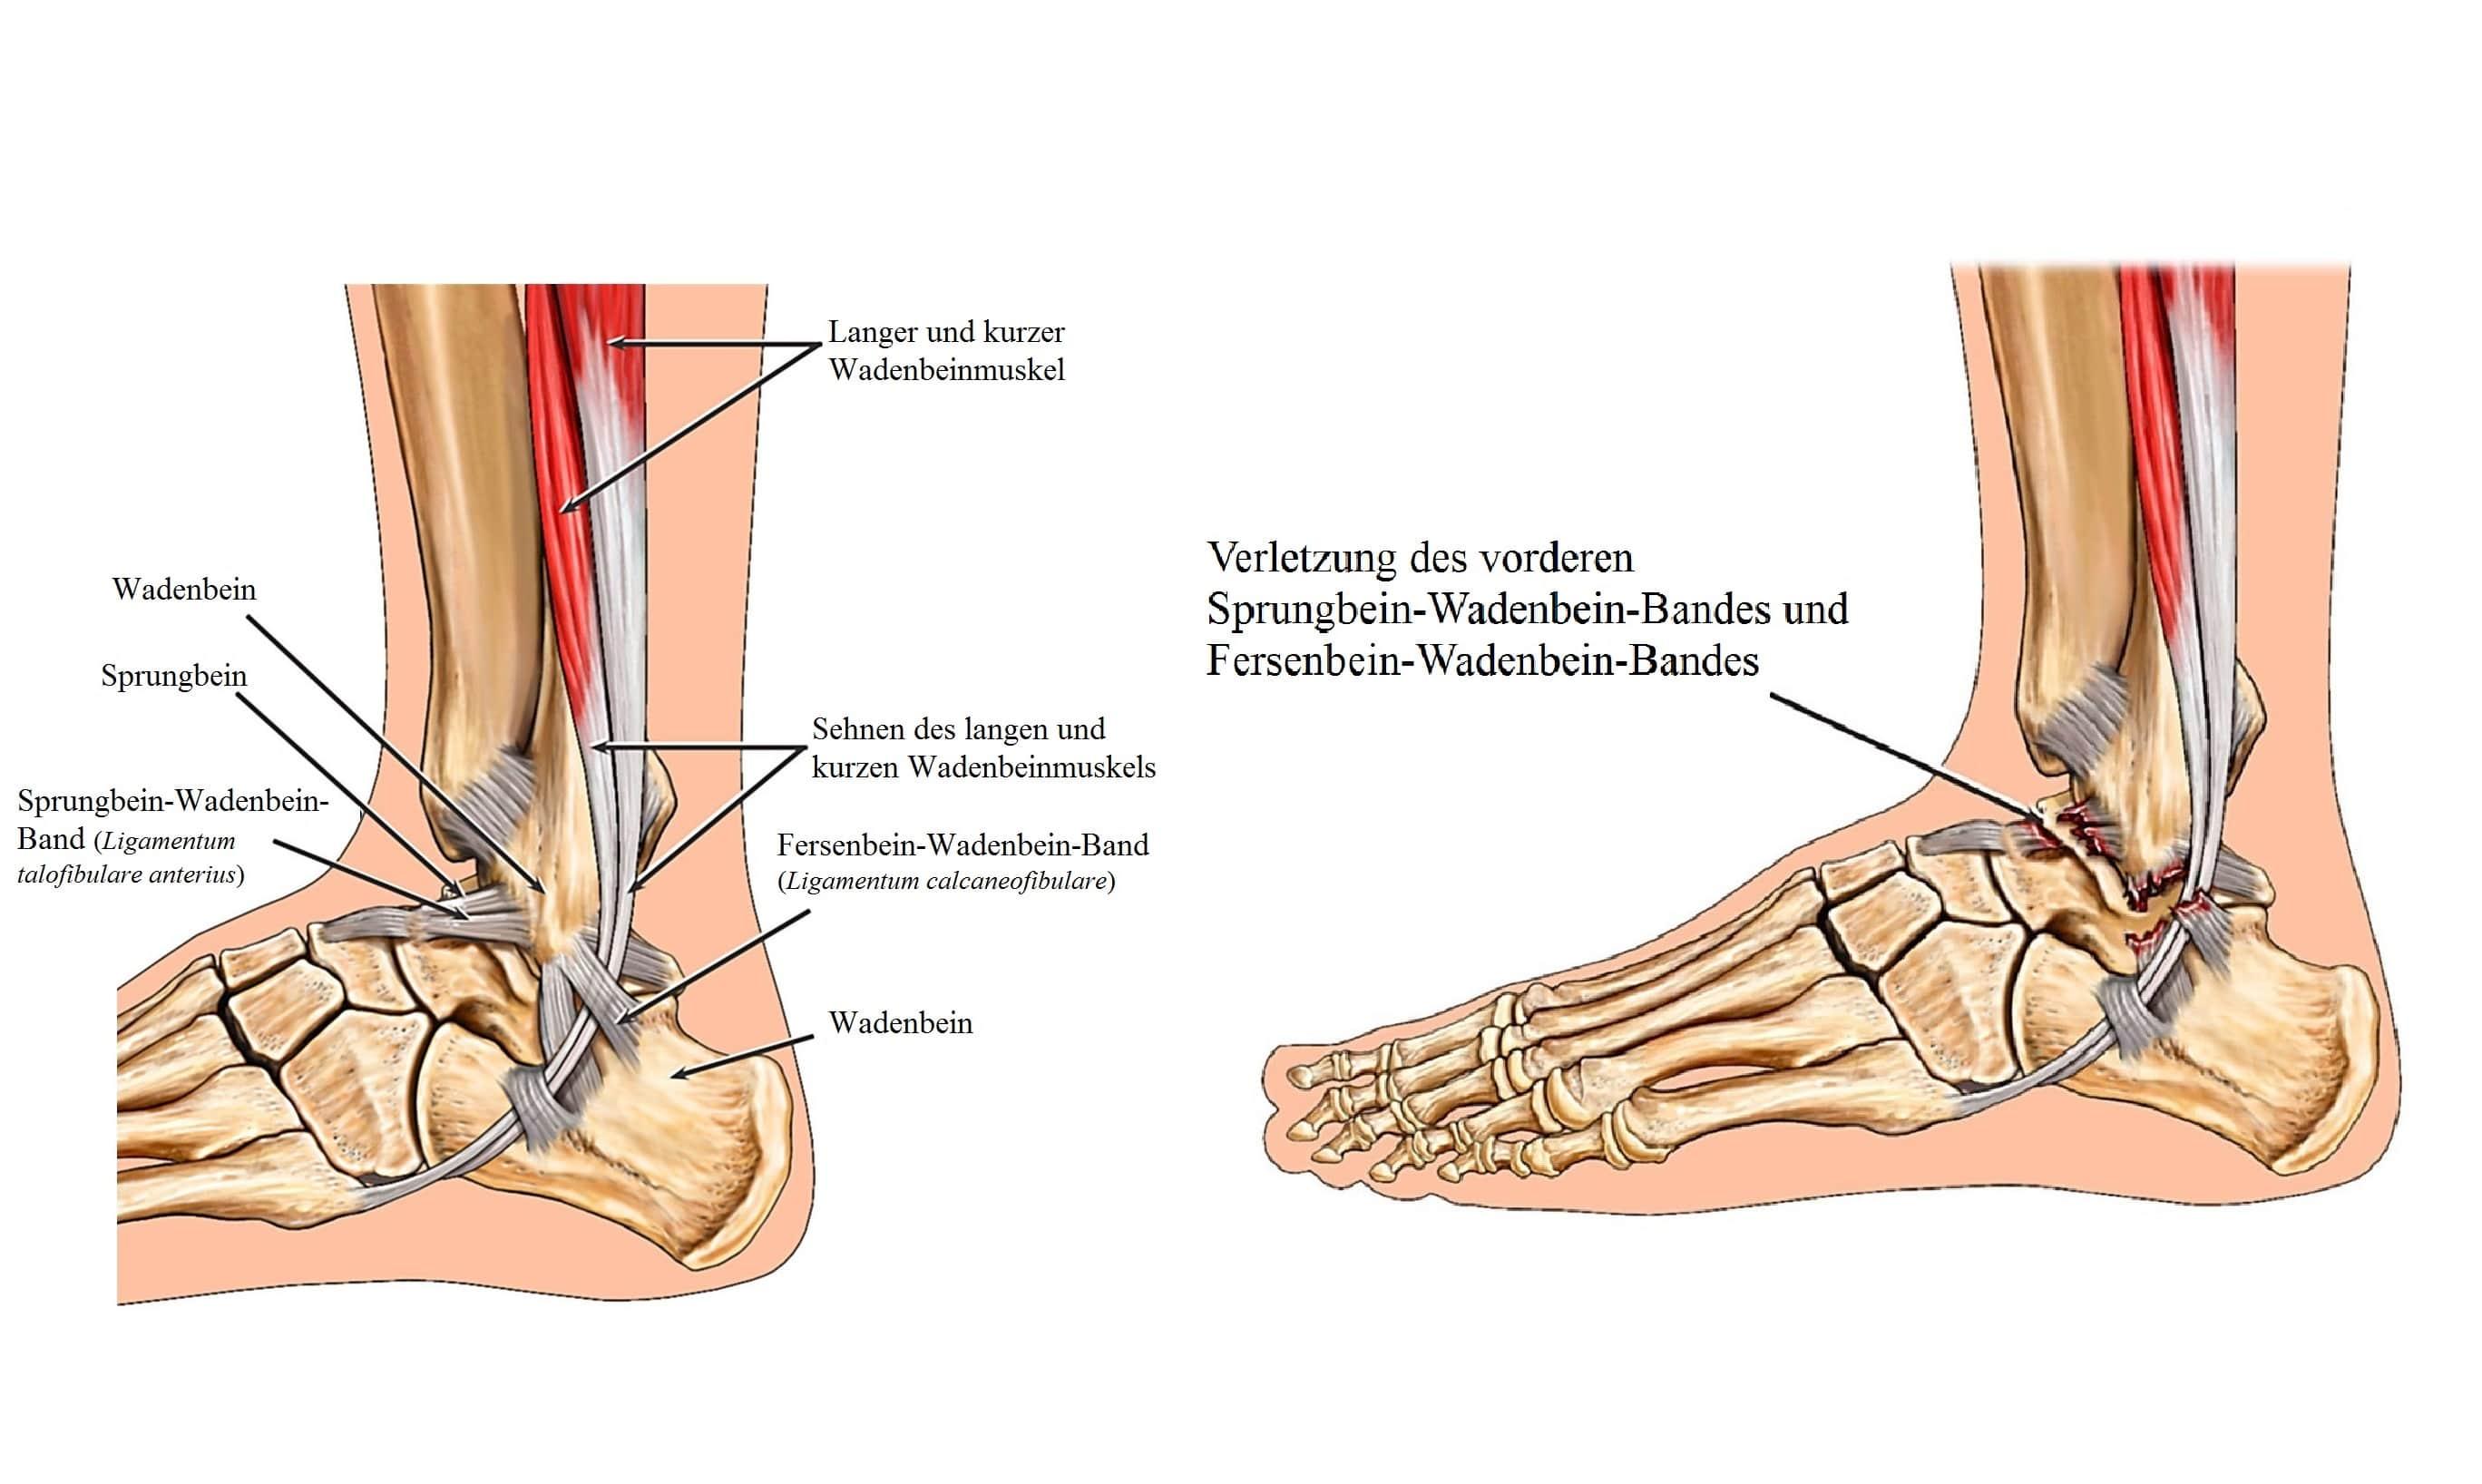 Anatomie, Wadenbein, Sprunggelenk, Knöchel - Symptome und Behandlung